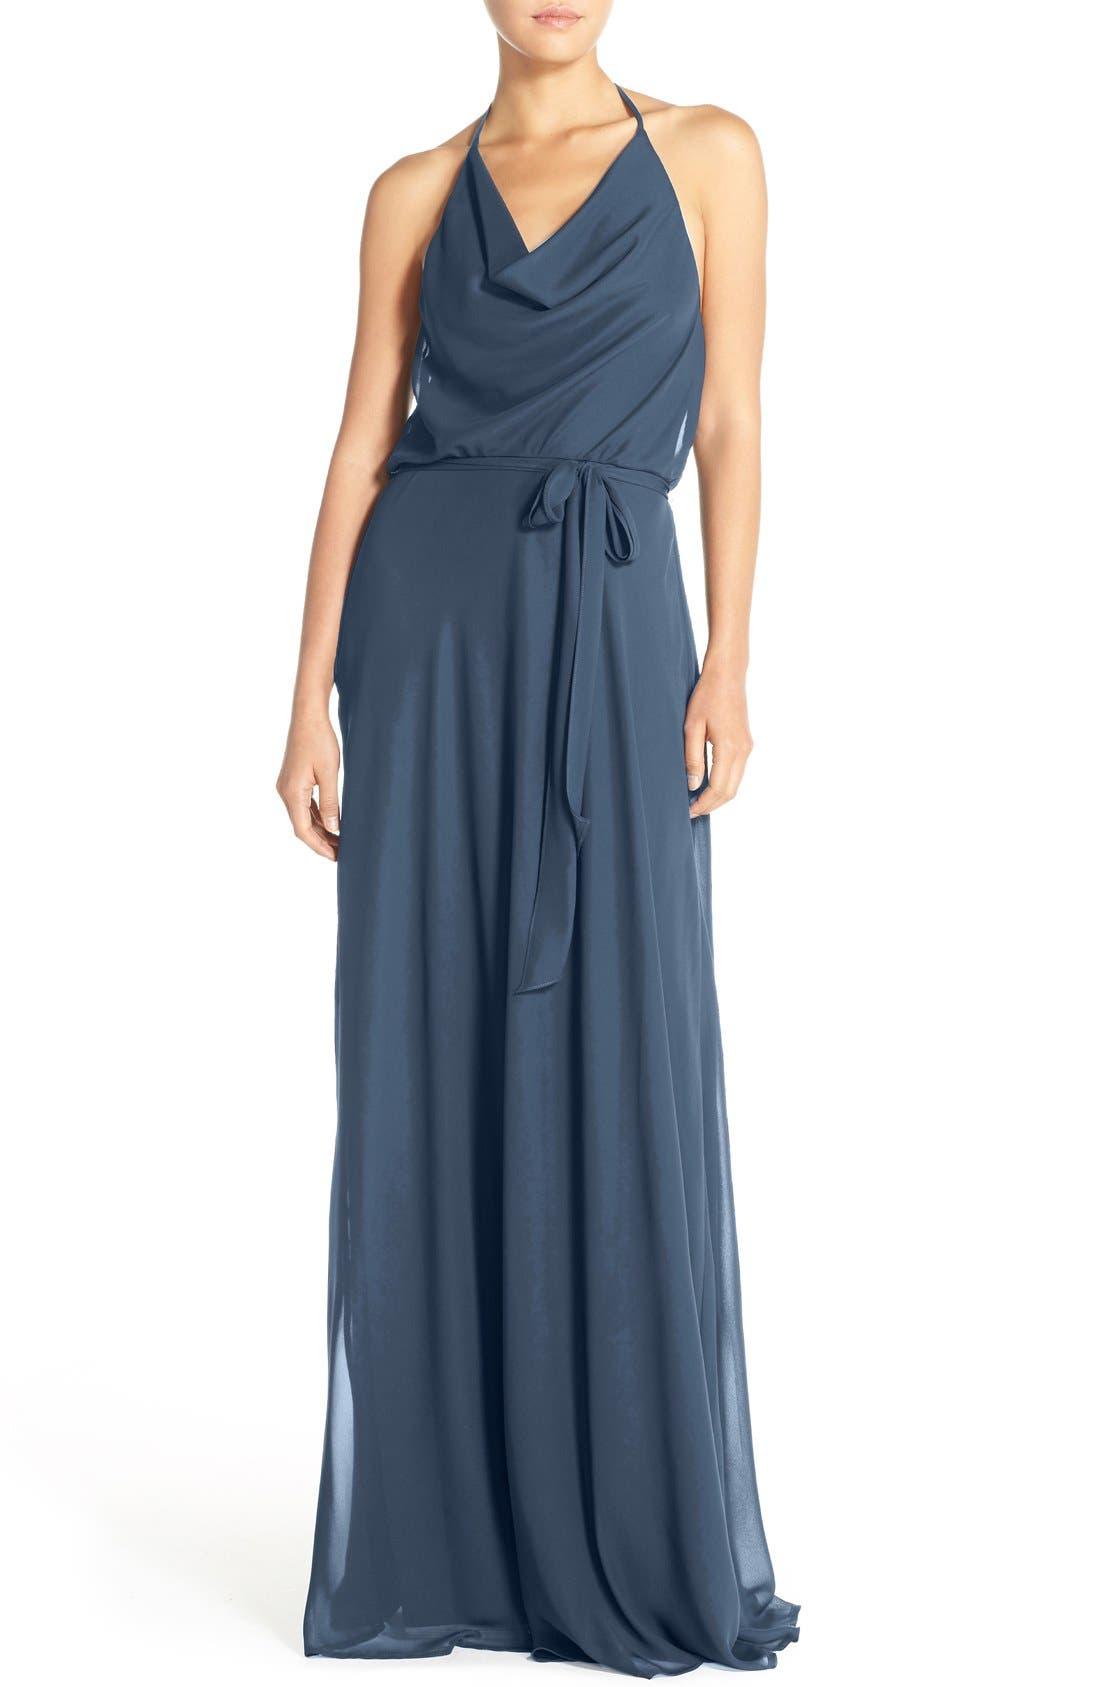 Main Image - nouvelle AMSALE 'Alyssa' Cowl Neck Chiffon Halter Gown